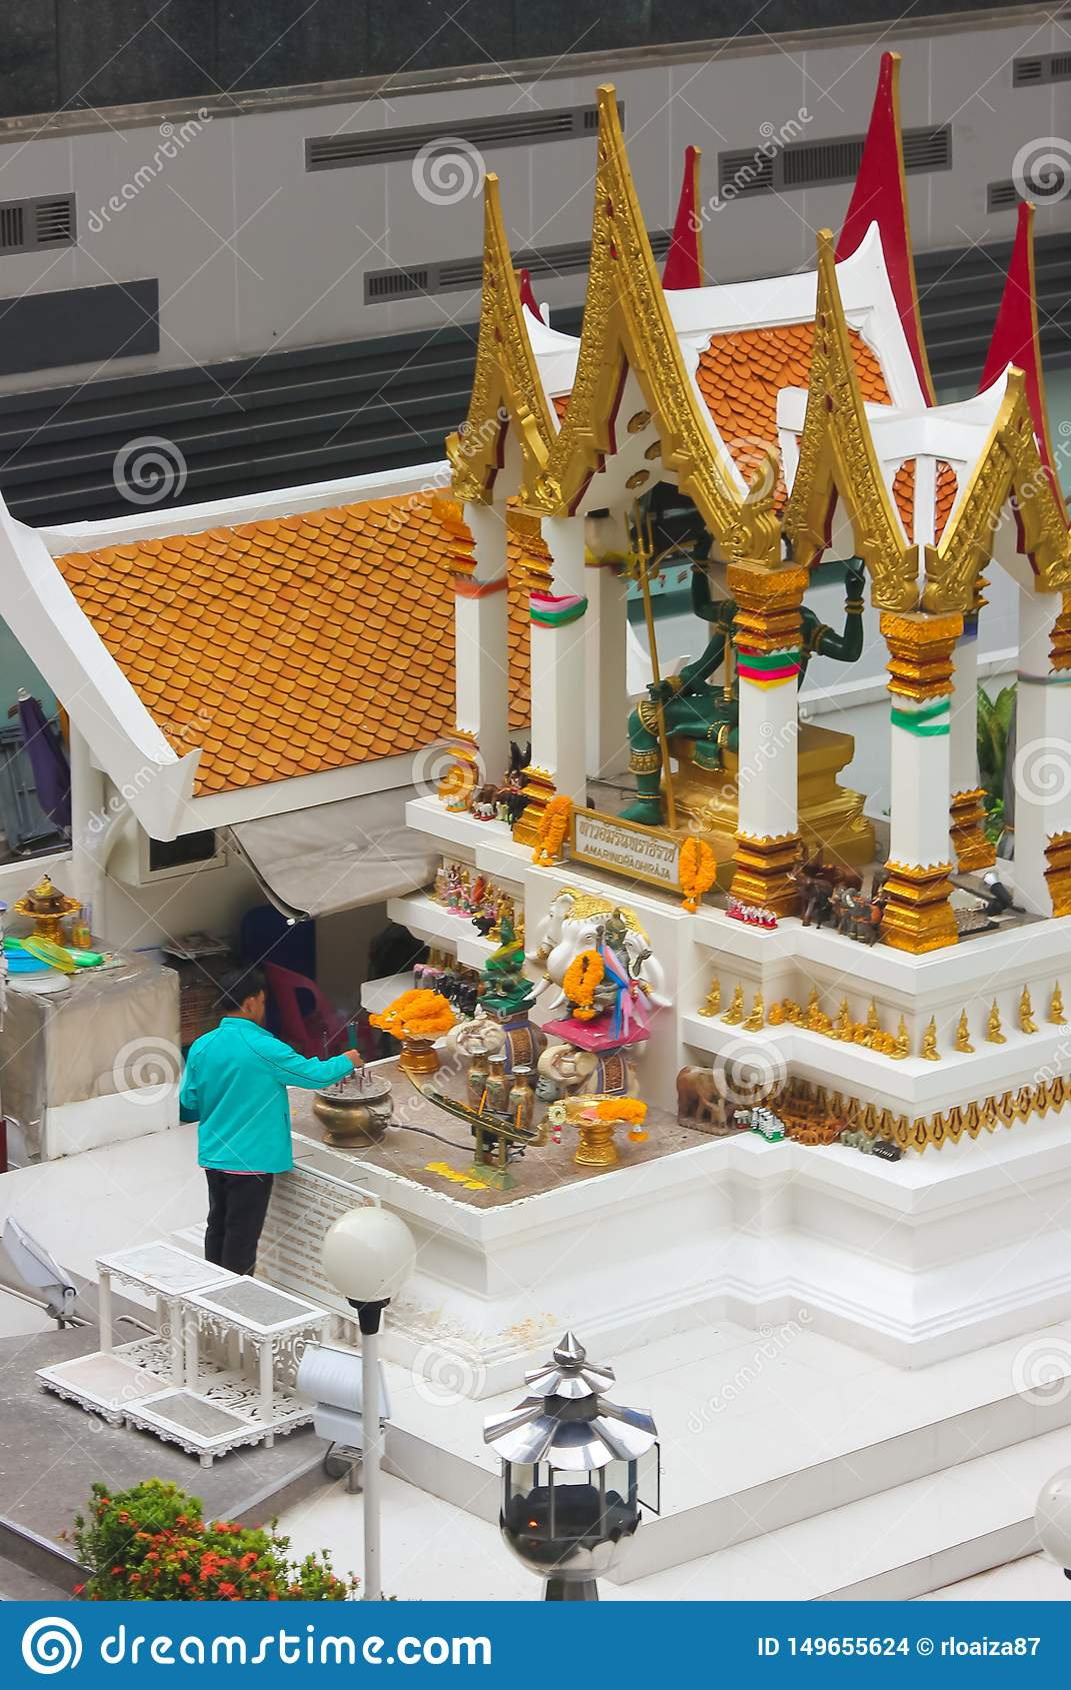 Bangkok, Thailand - April 31, 2014. Man making an offering at Amarindradhiraja shrine in the city of Bangkok